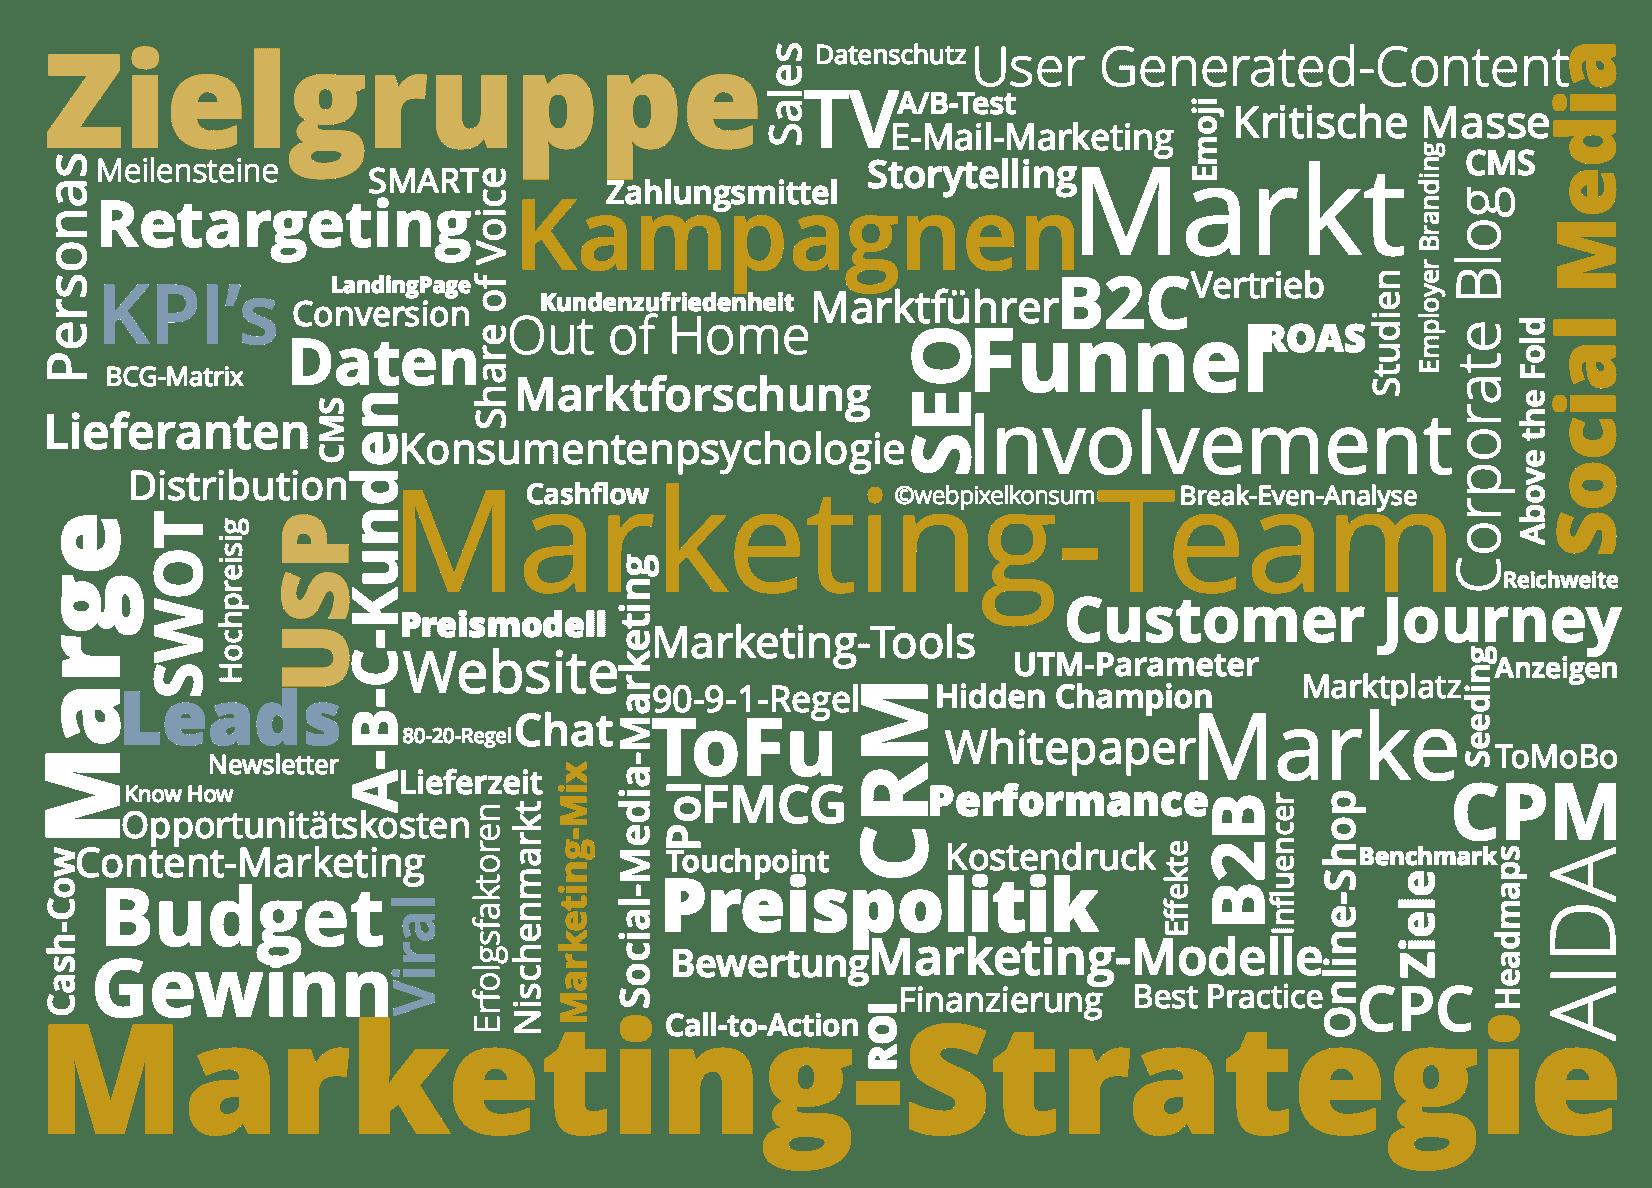 Abbildung zeigt Fachbegriffe rund um die Marketing-Leistung Marketing-Strategie erstellen